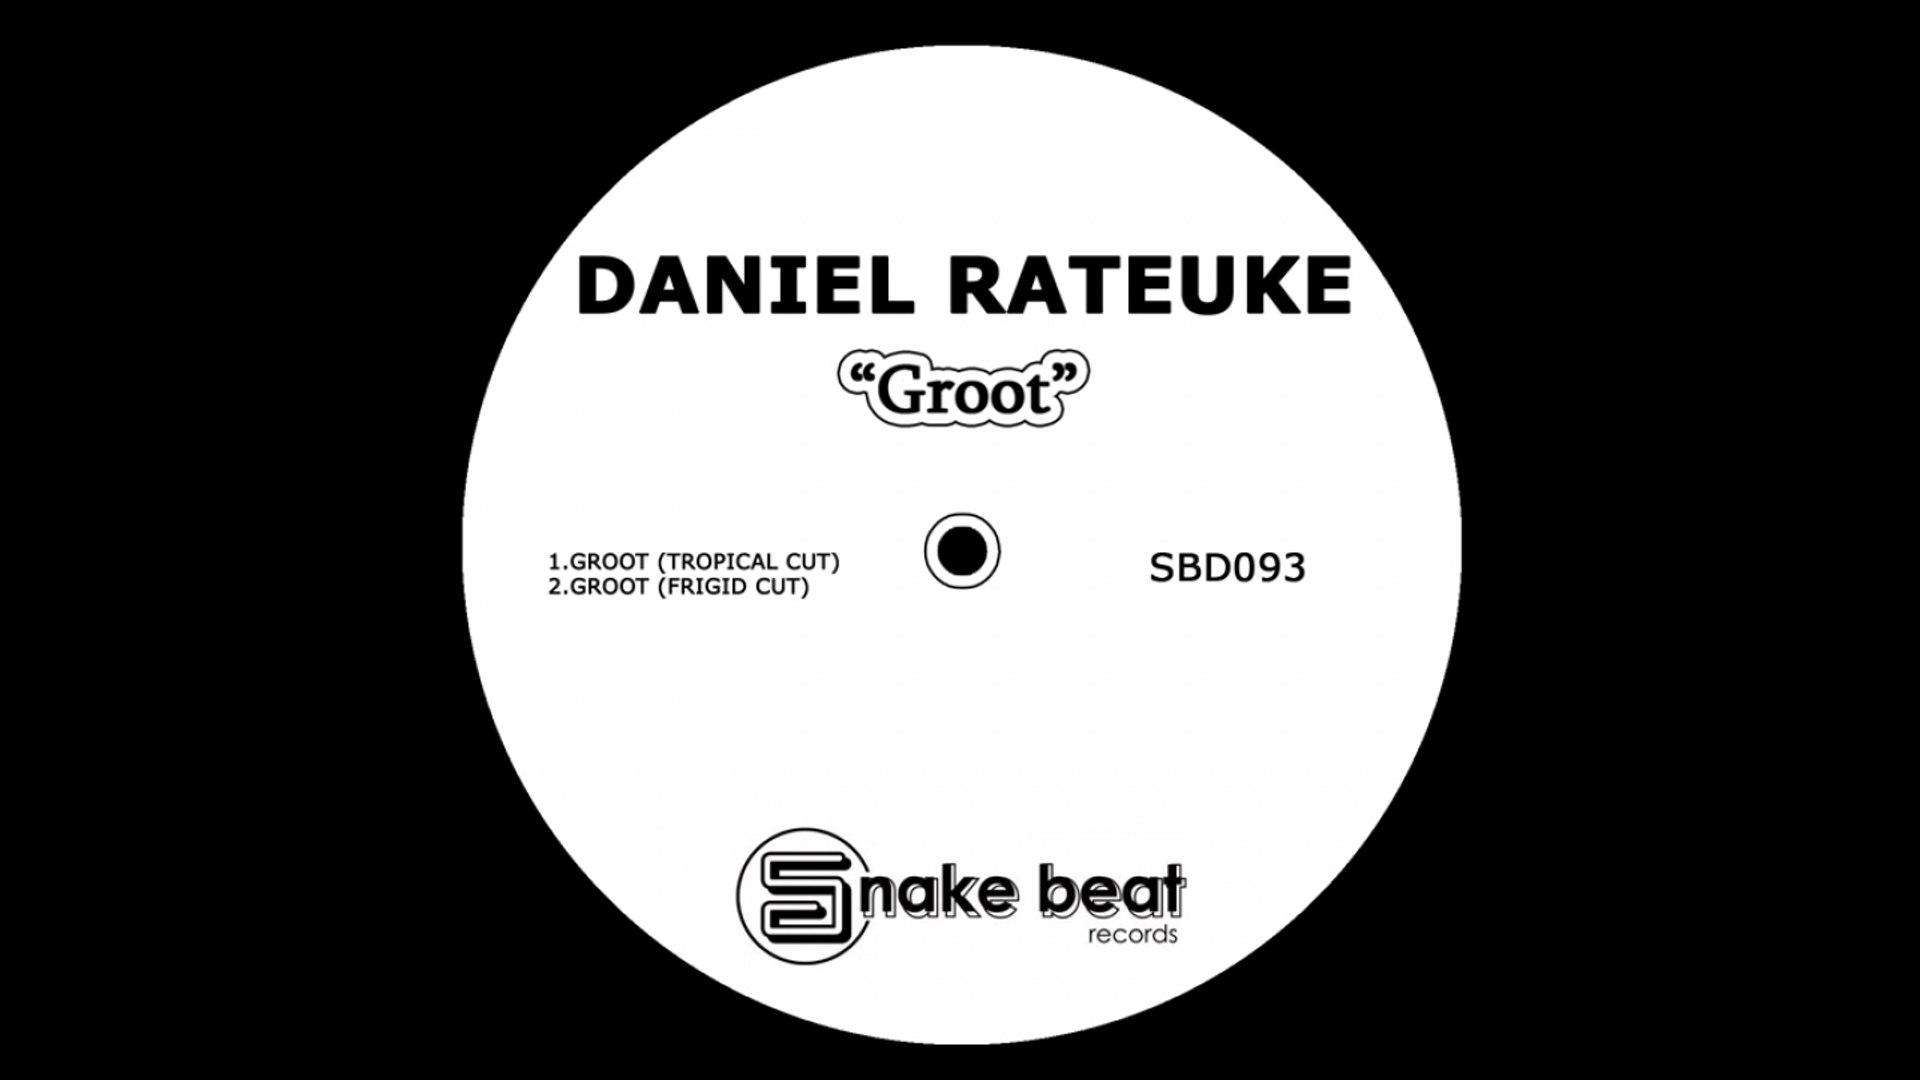 Daniel Rateuke - Groot - (Tropical Cut)